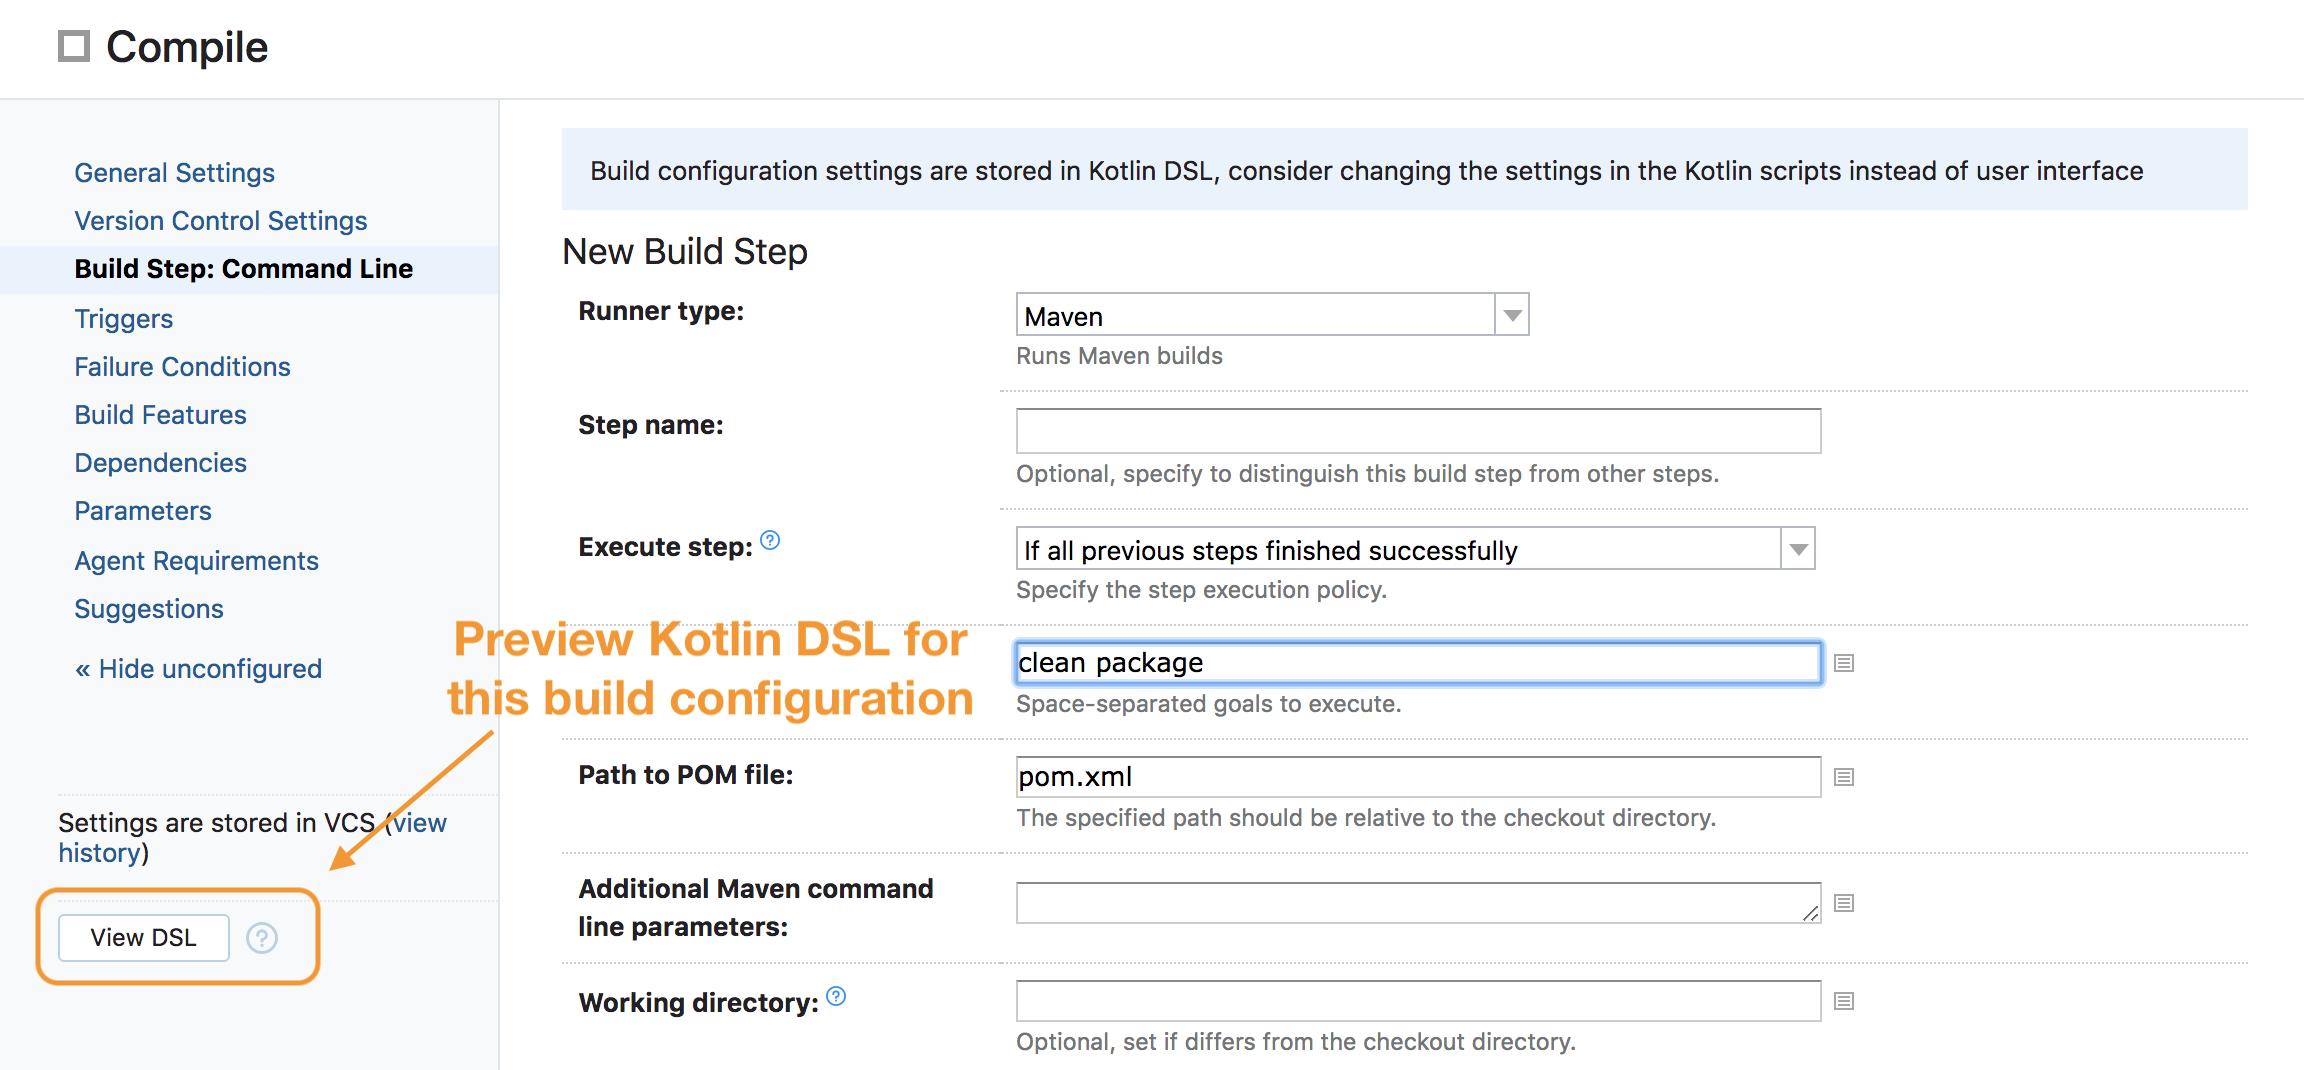 Preview Kotlin DSL toggle